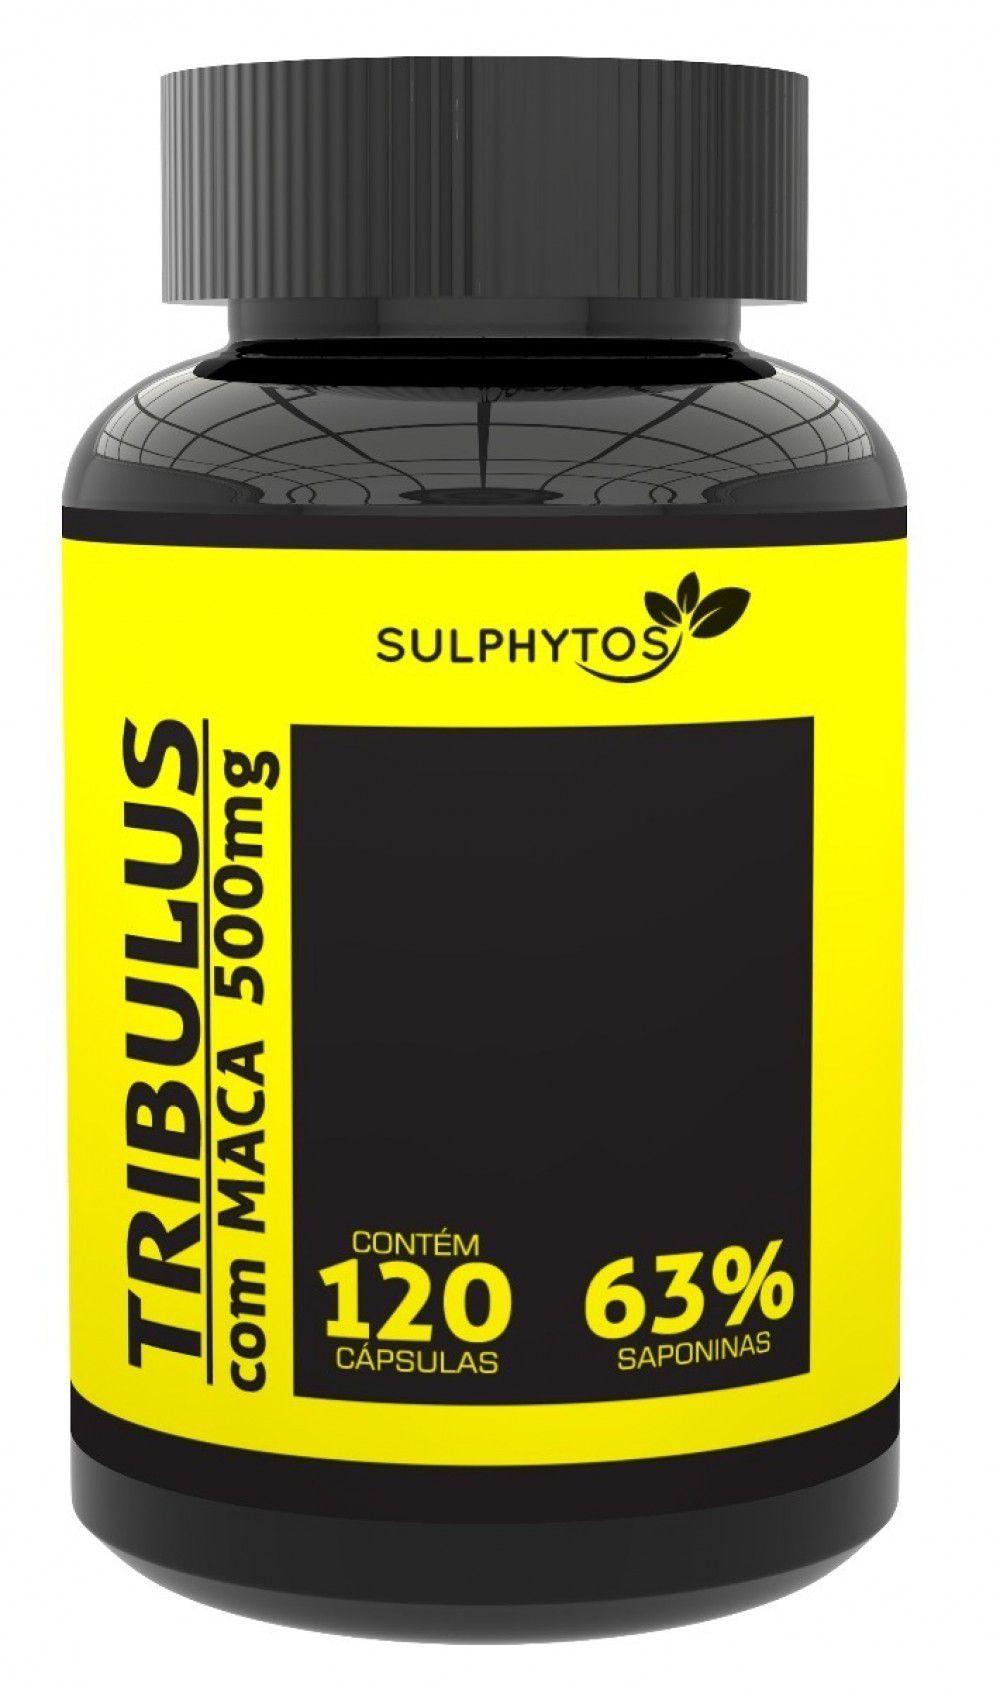 SULPHYTOS Tribulus com Maca Peruana 63% Saponinas 500mg - 120 caps